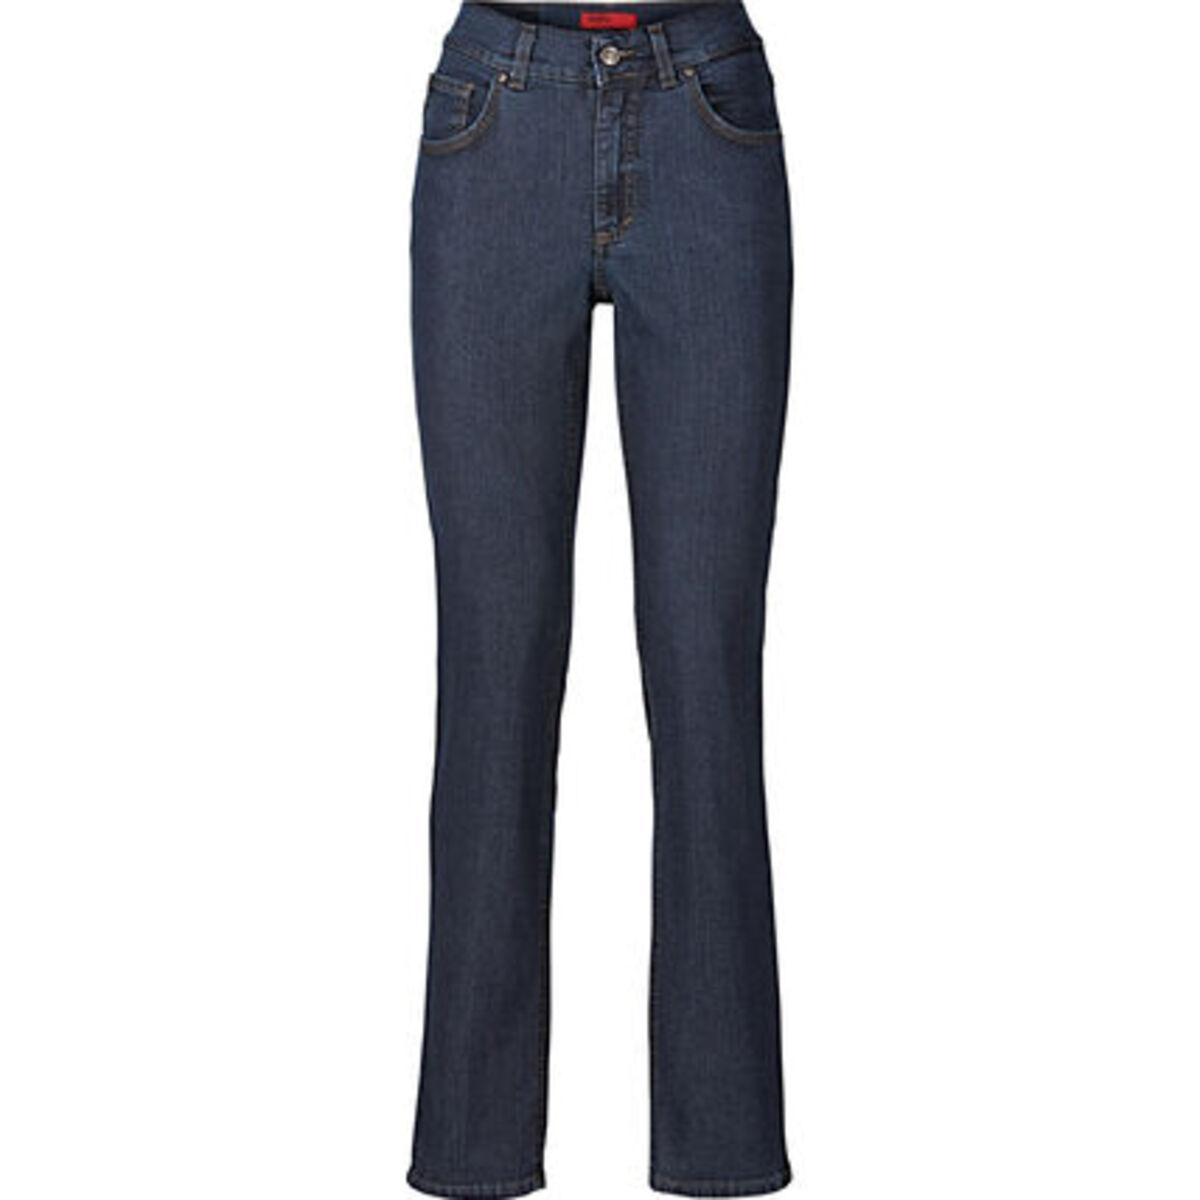 """Bild 1 von Angels Damen Jeans """"Cici"""", dark washed, W38/L32, W38/L32"""